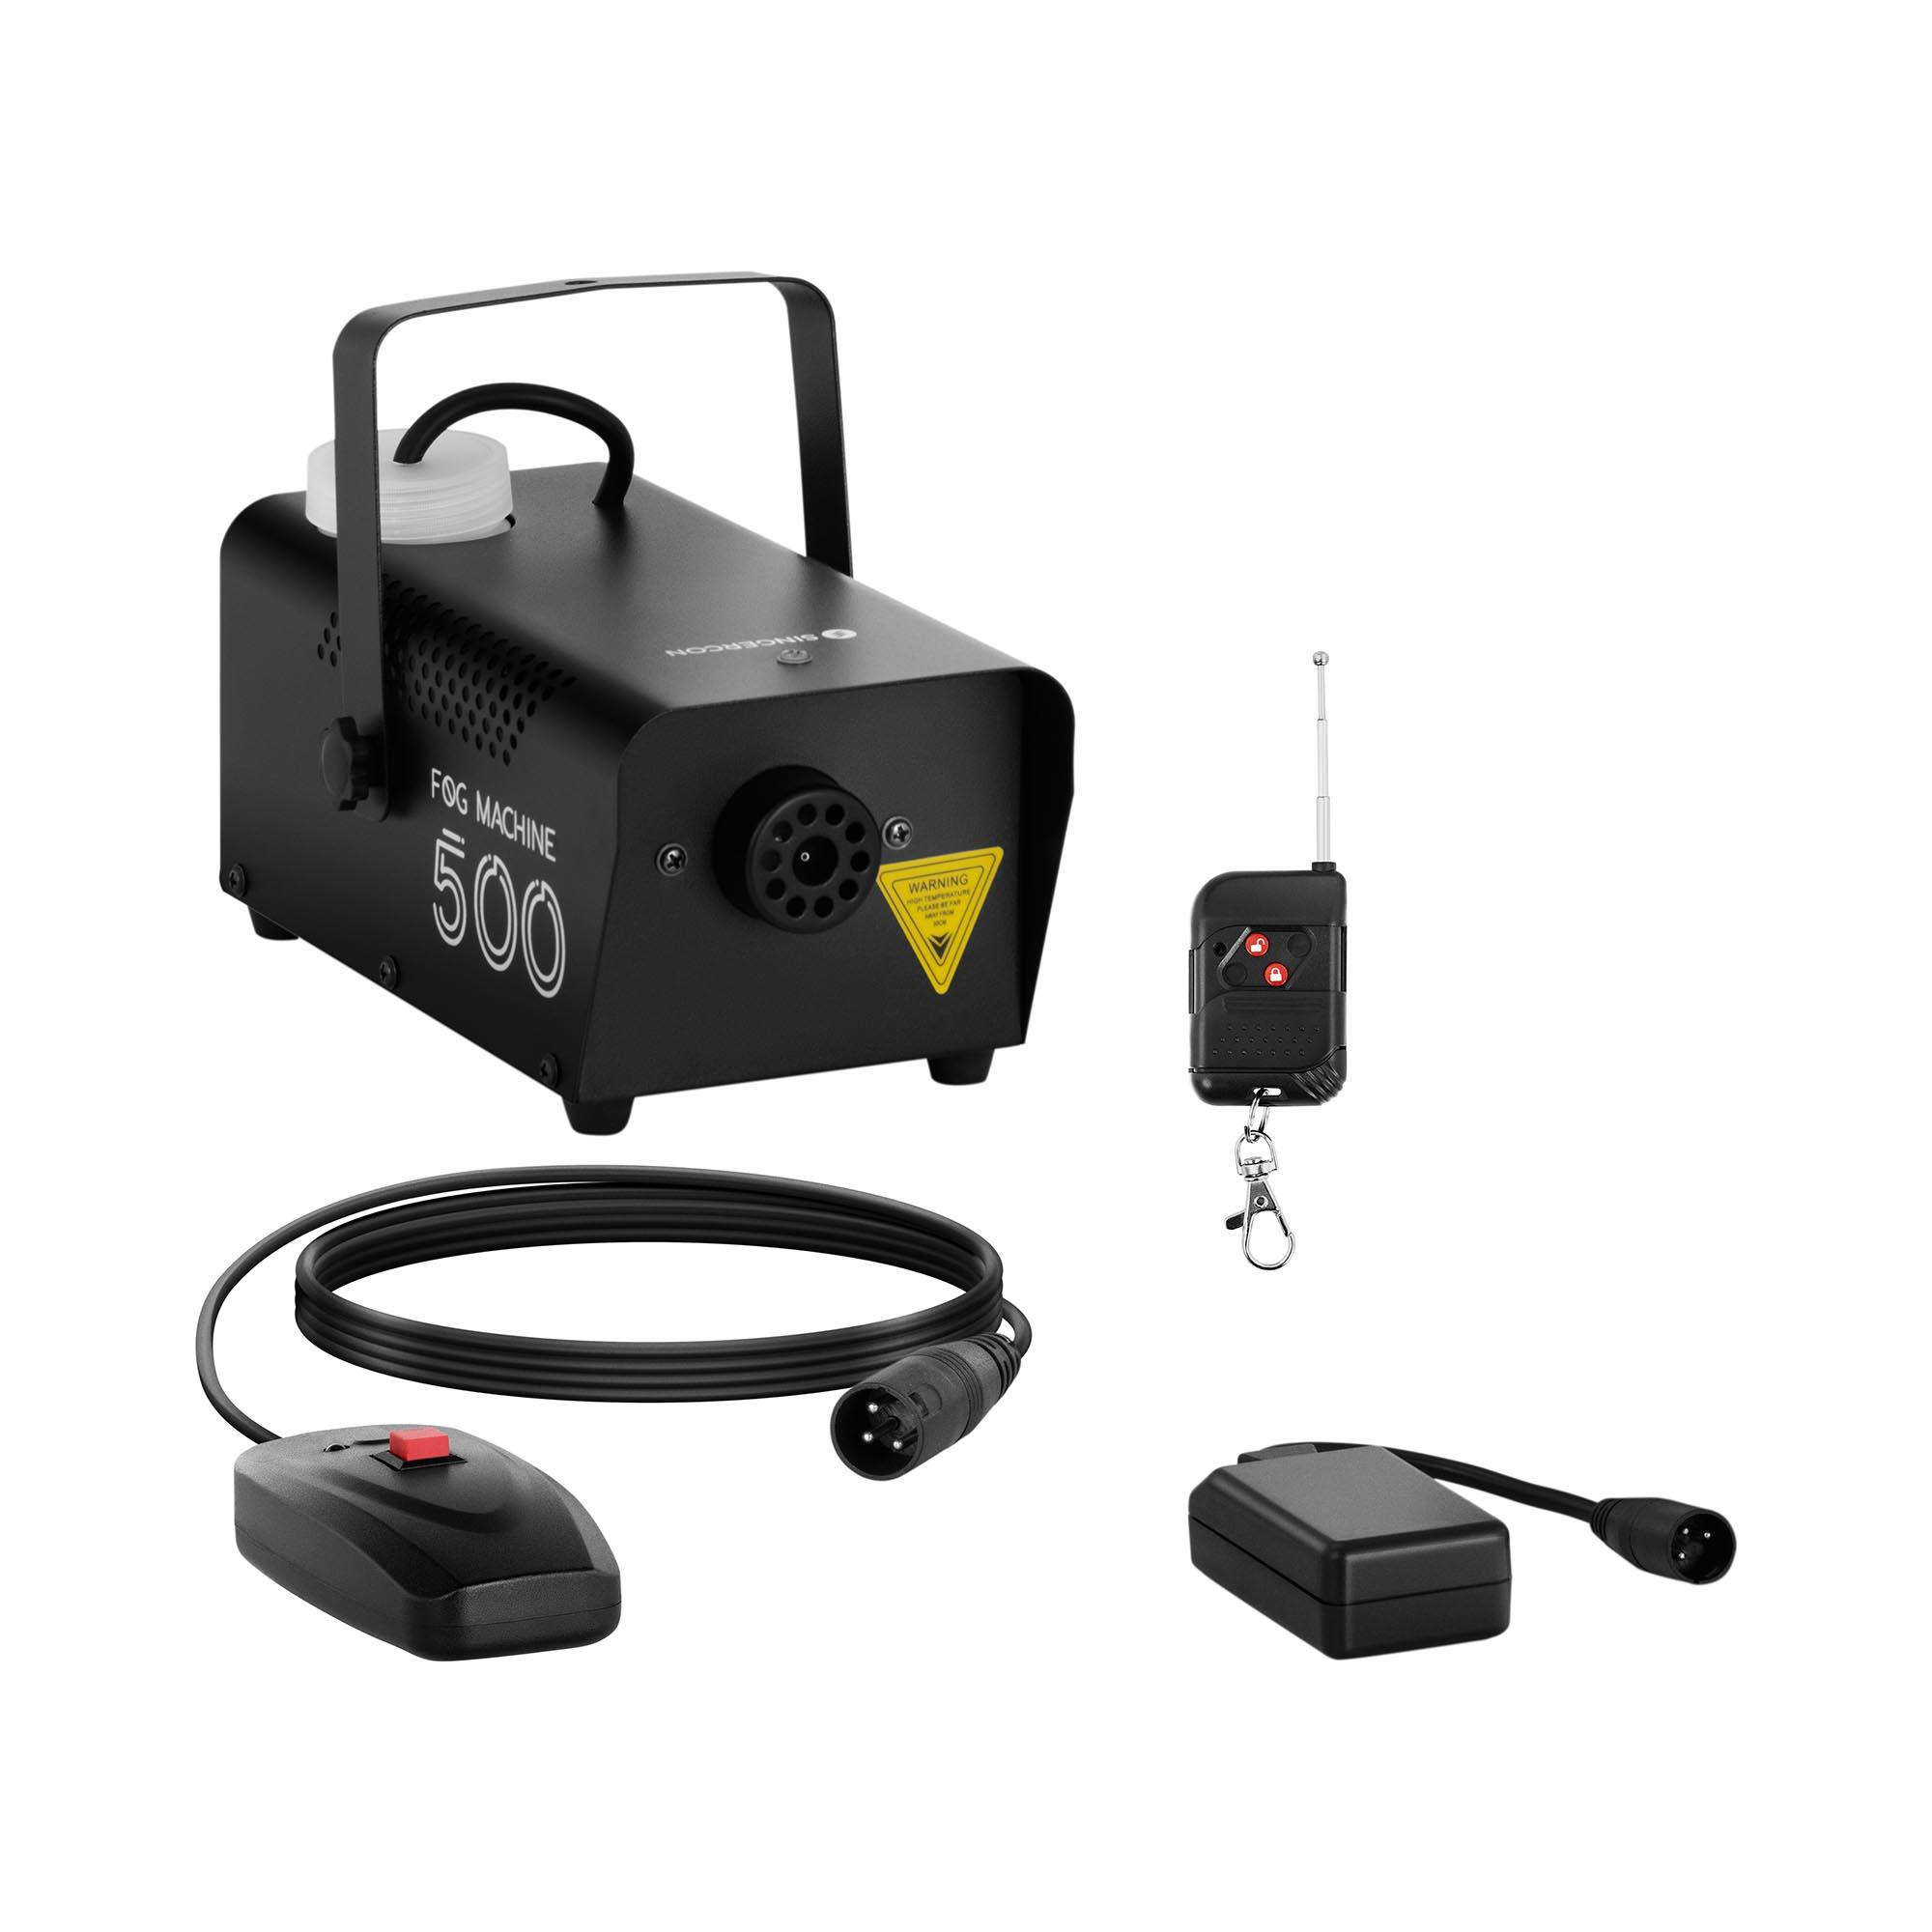 Singercon Nebelmaschine - 500 W - 28,32 m³ - DMX-Anschluss CON.FM-500